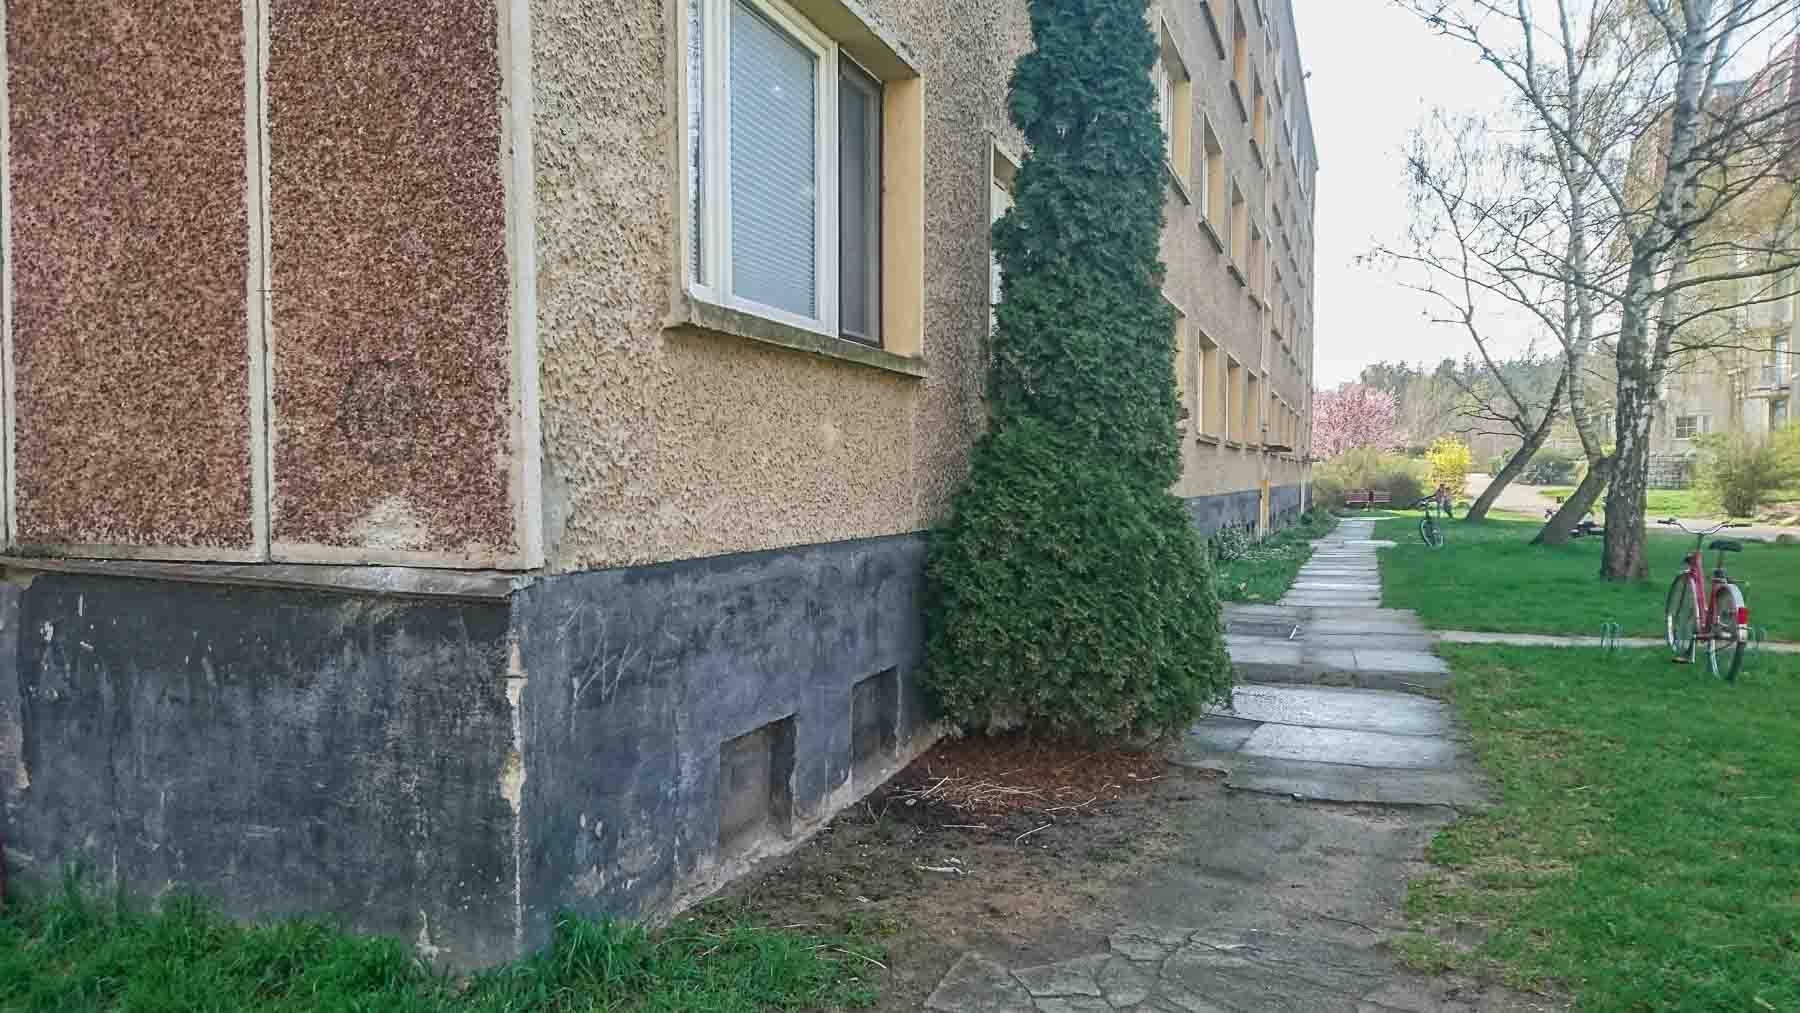 plattenbau friedensstadt garnison glau